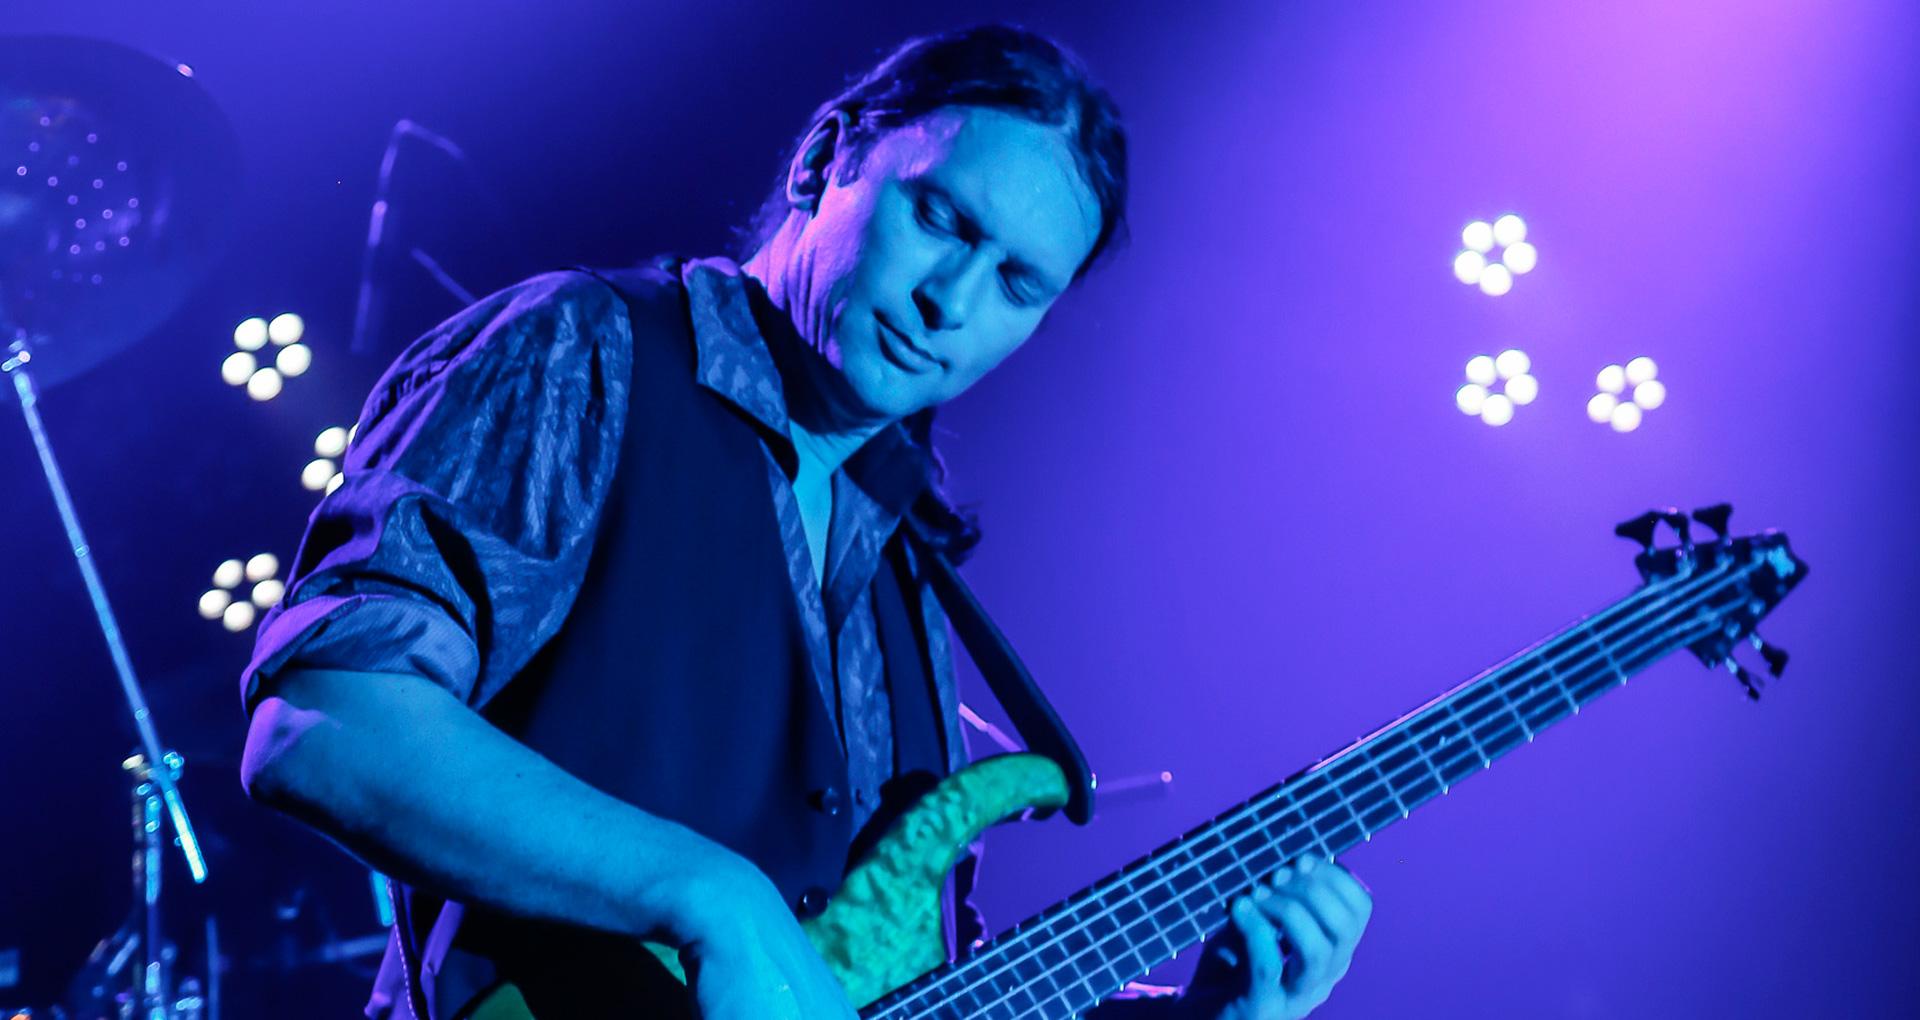 Steffen Knauss hired gun bassplayer recording bass